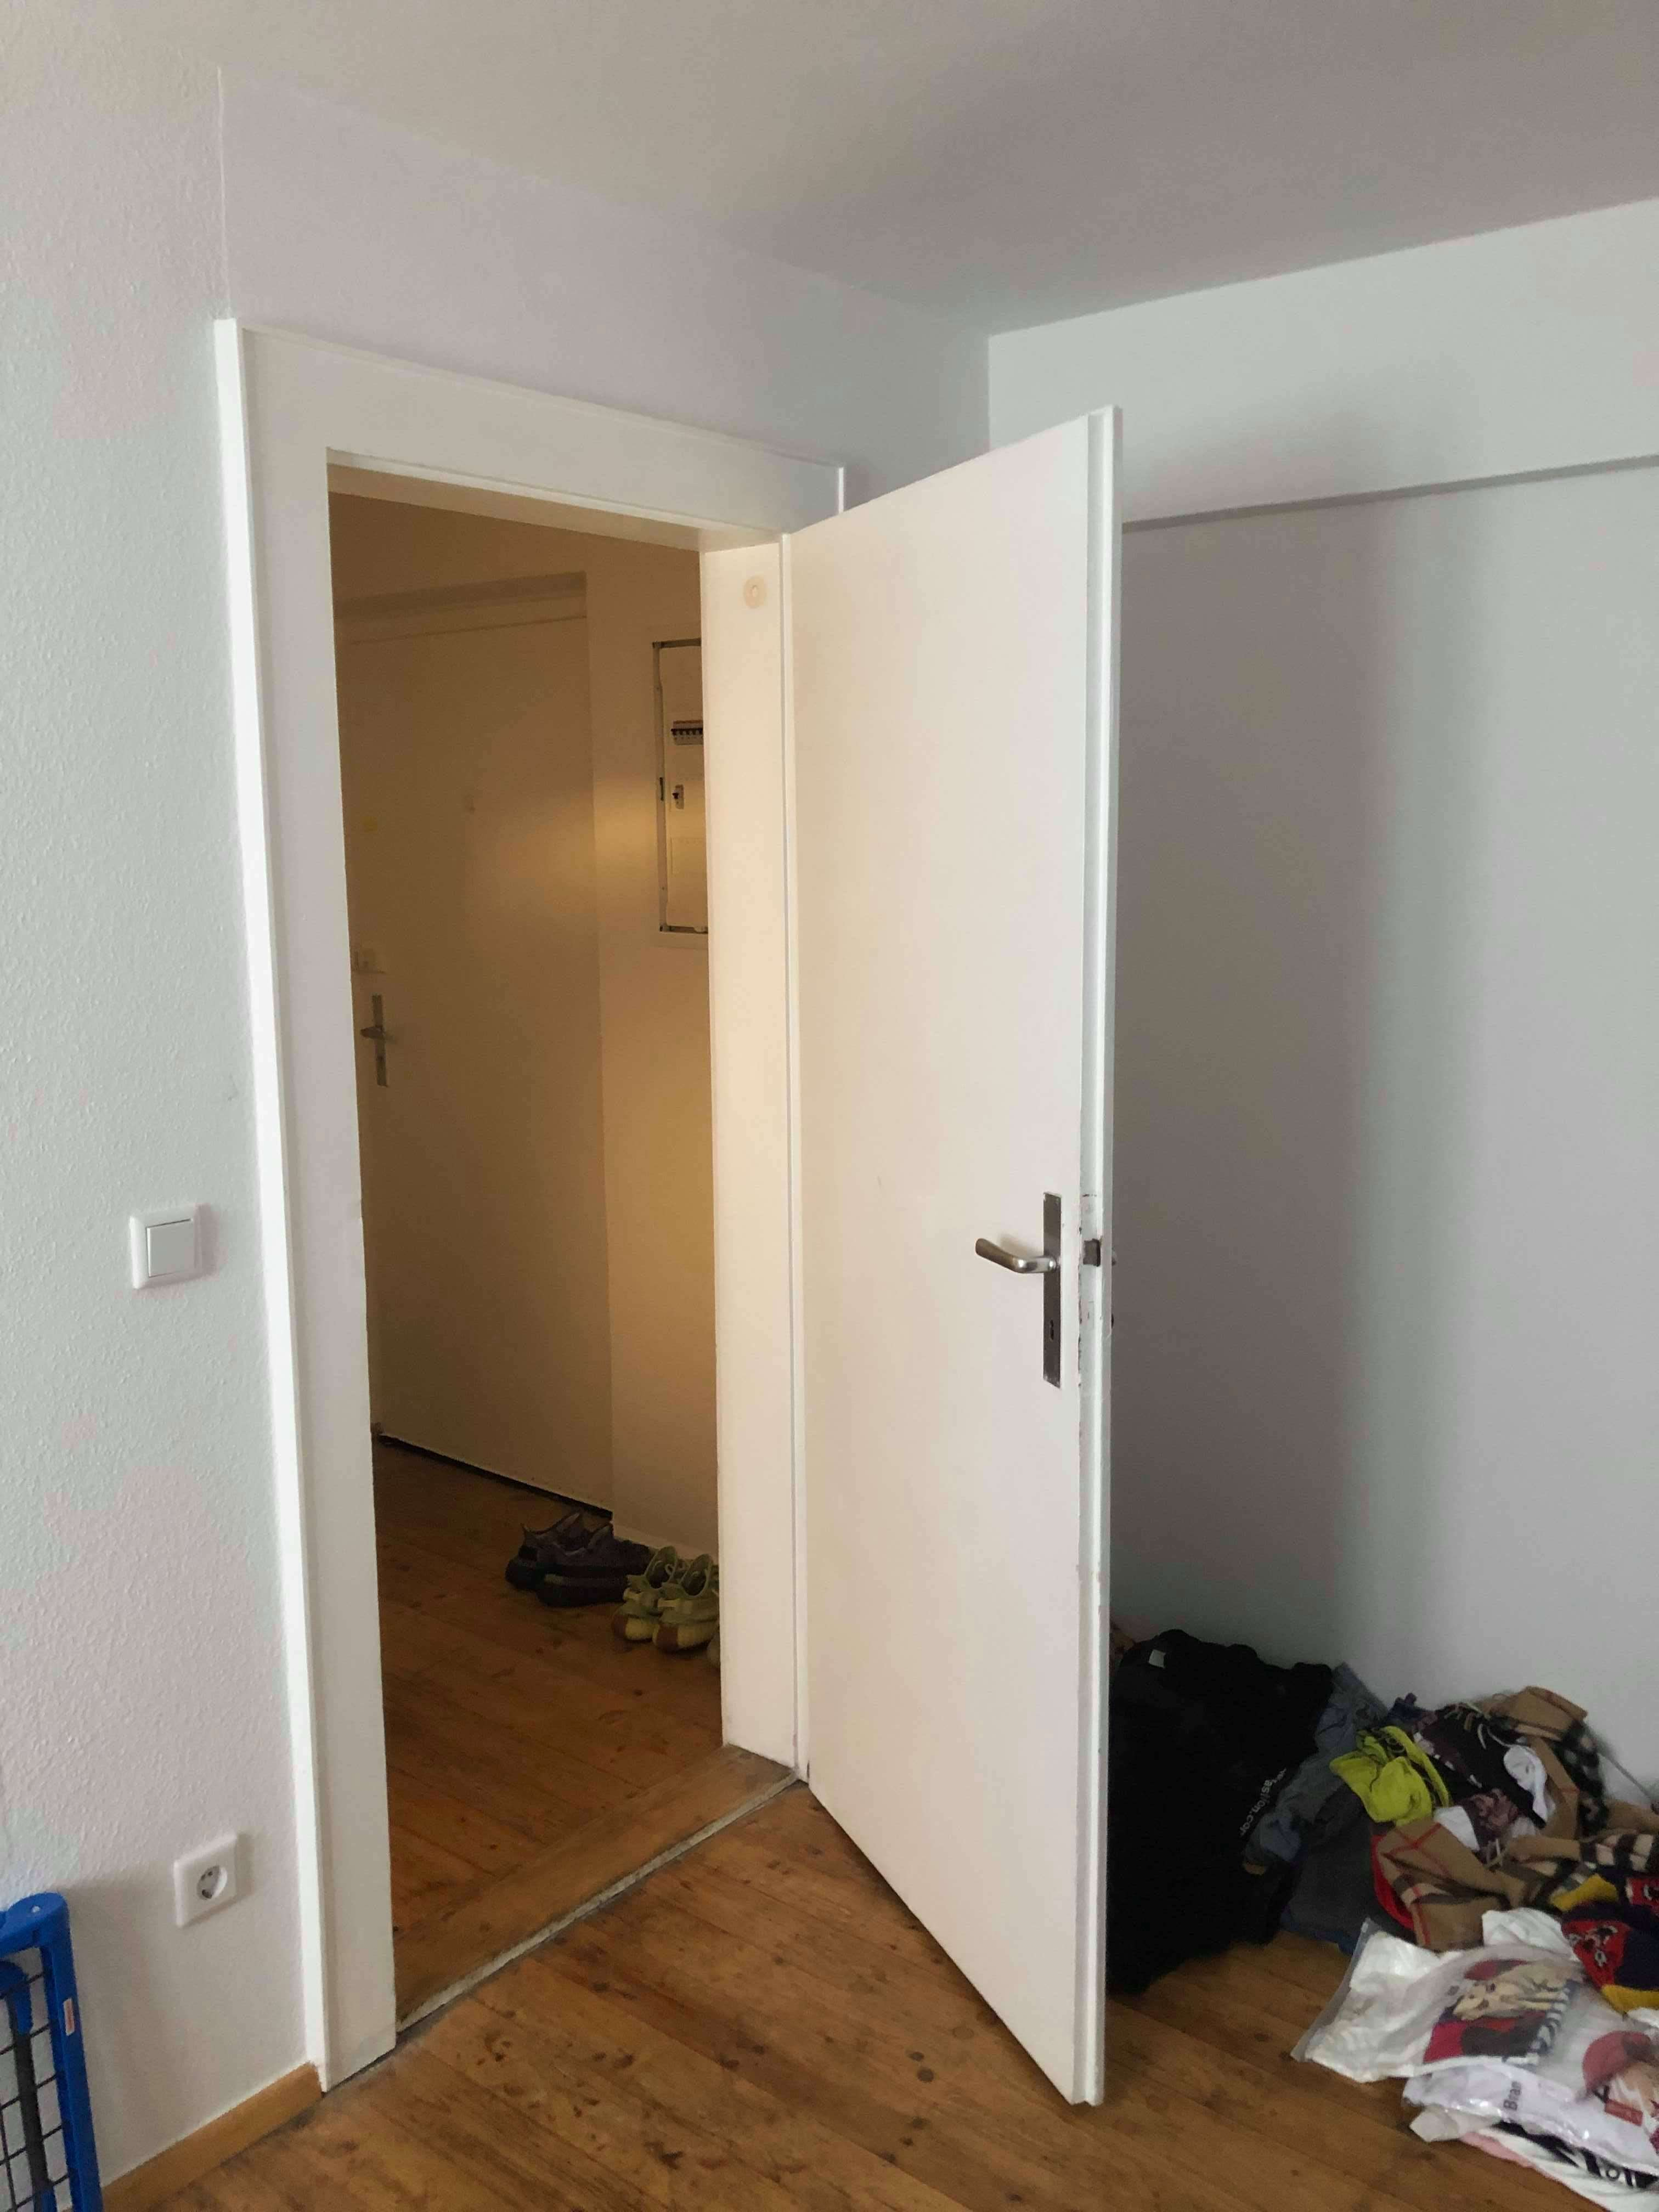 1-2 Zimmer-Wohnung mit Einbauküche im Nürnberger Burgviertel! in Altstadt, St. Sebald (Nürnberg)